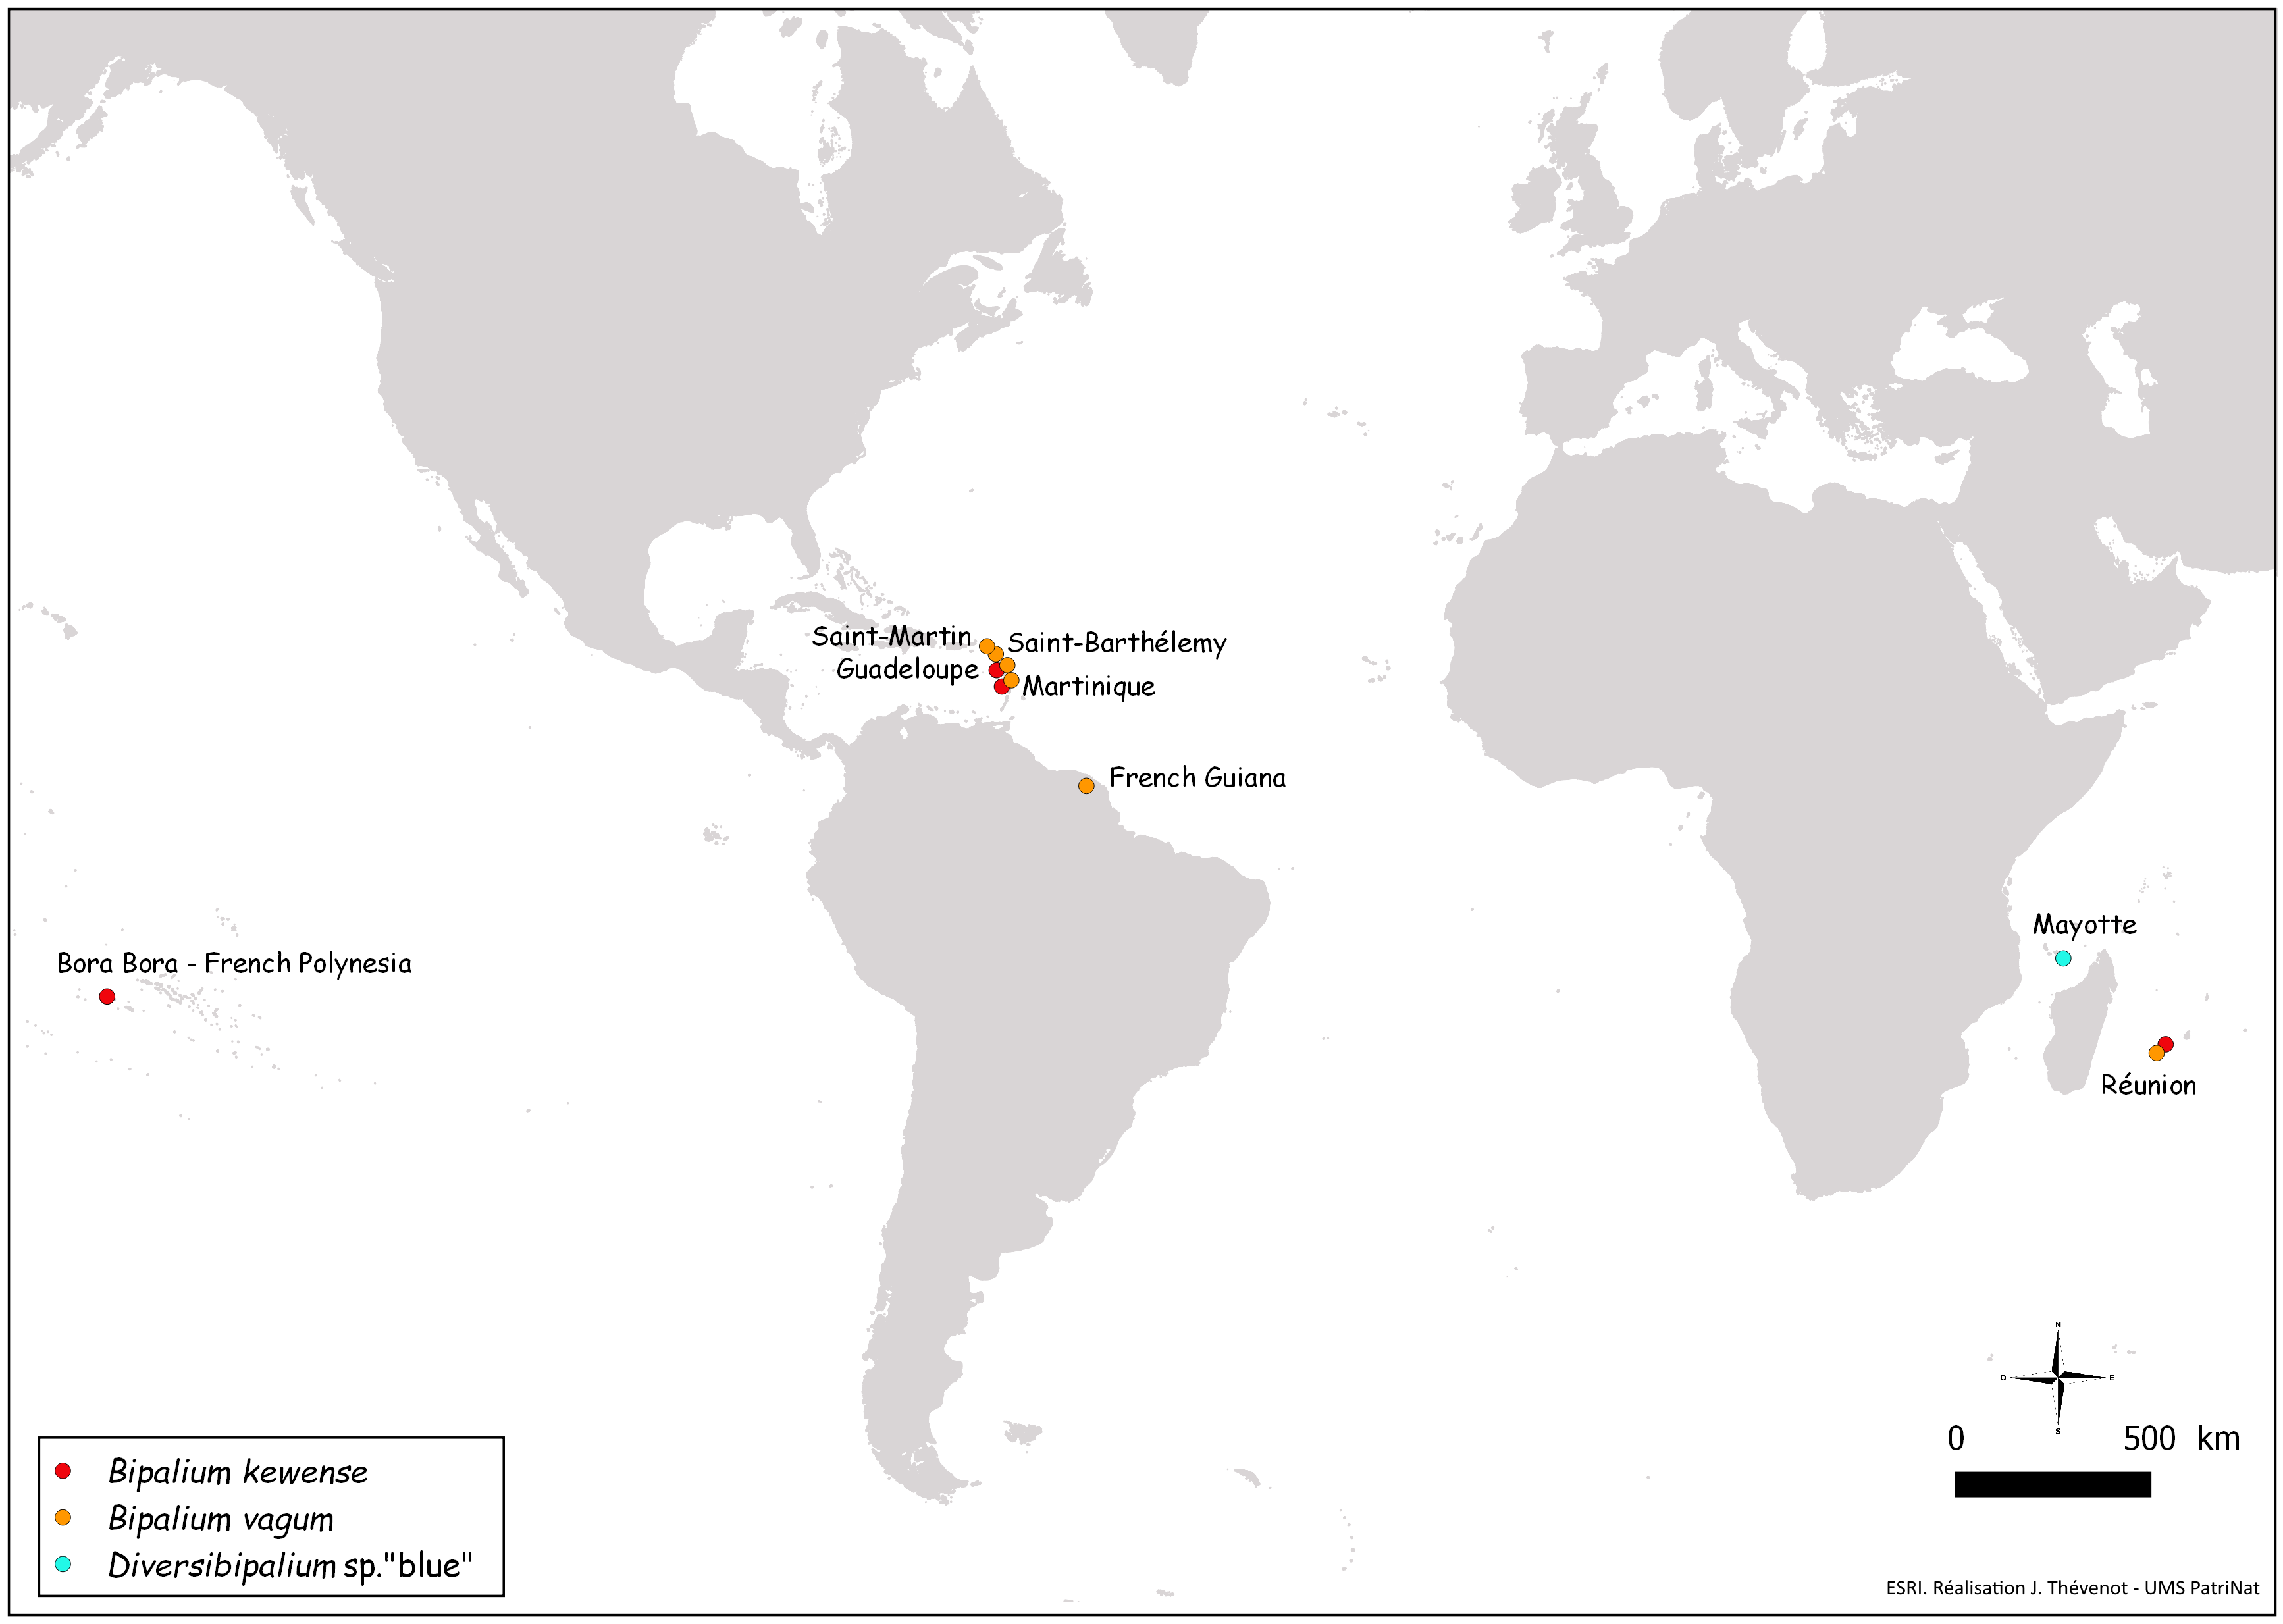 File:Figure 28 (PeerJ 4672) - world map Bipalium.png - Wikimedia Commons